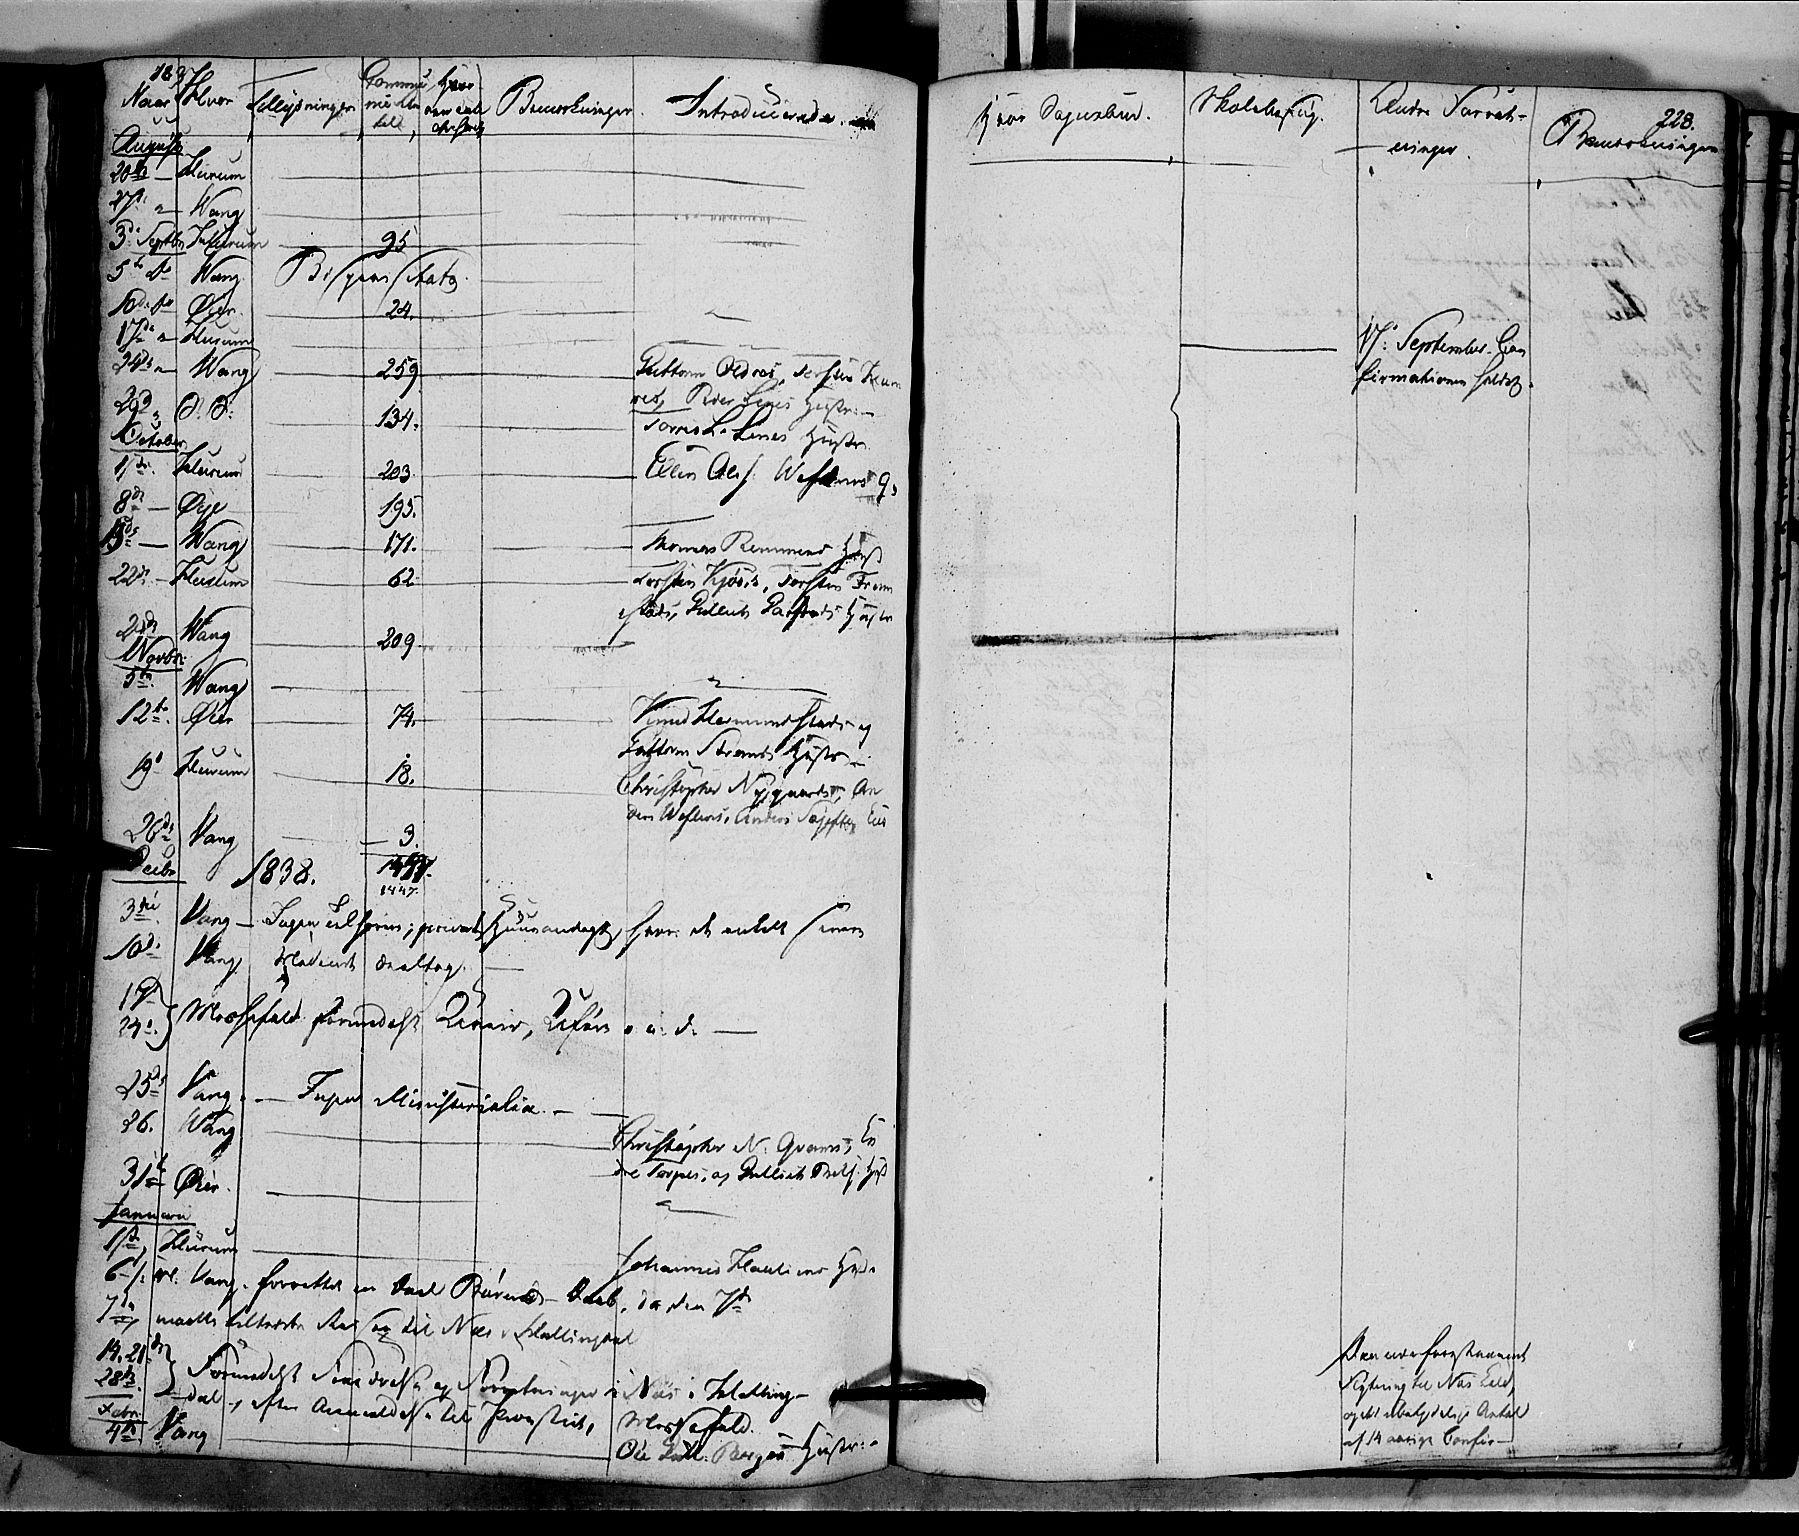 SAH, Vang prestekontor, Valdres, Ministerialbok nr. 5, 1831-1845, s. 228